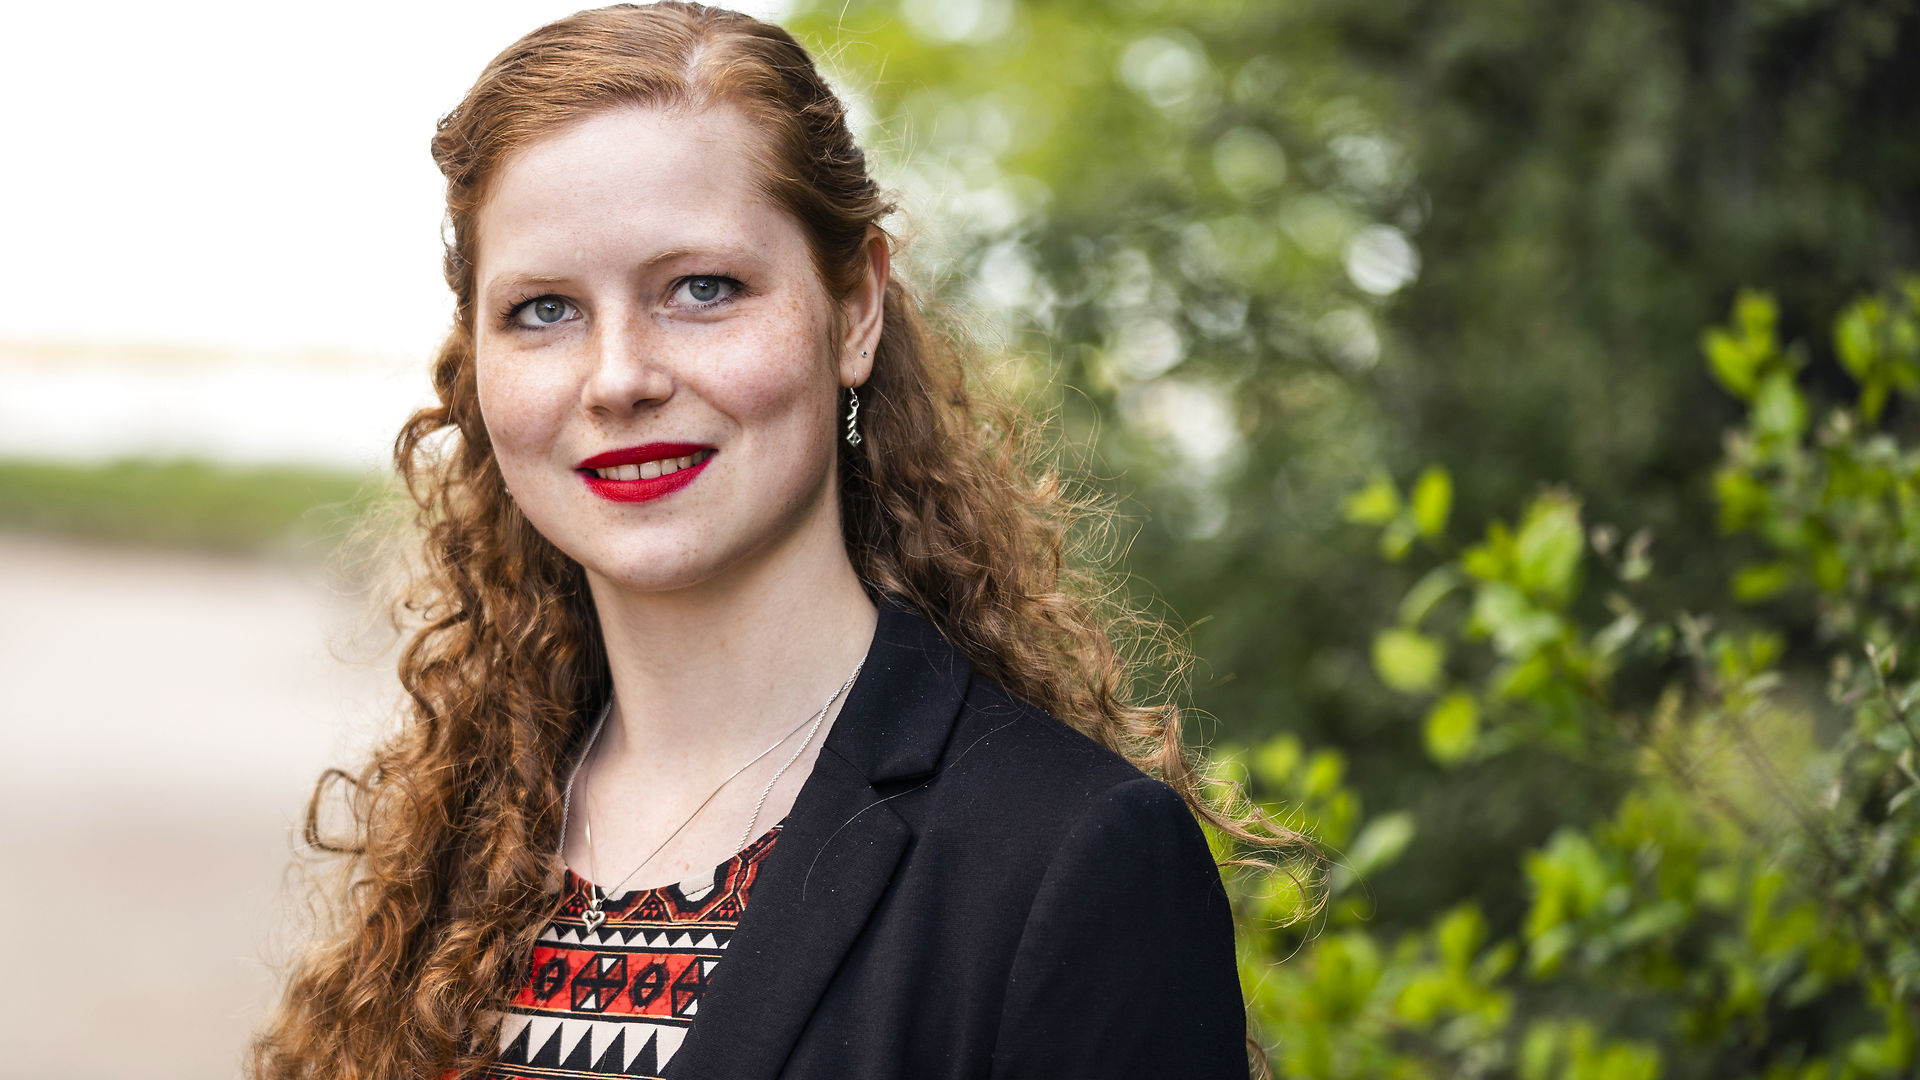 Isabella Arendt (KD): Kristendemokraterne er de eneste, der reelt kæmper for et borgerligt Danmark